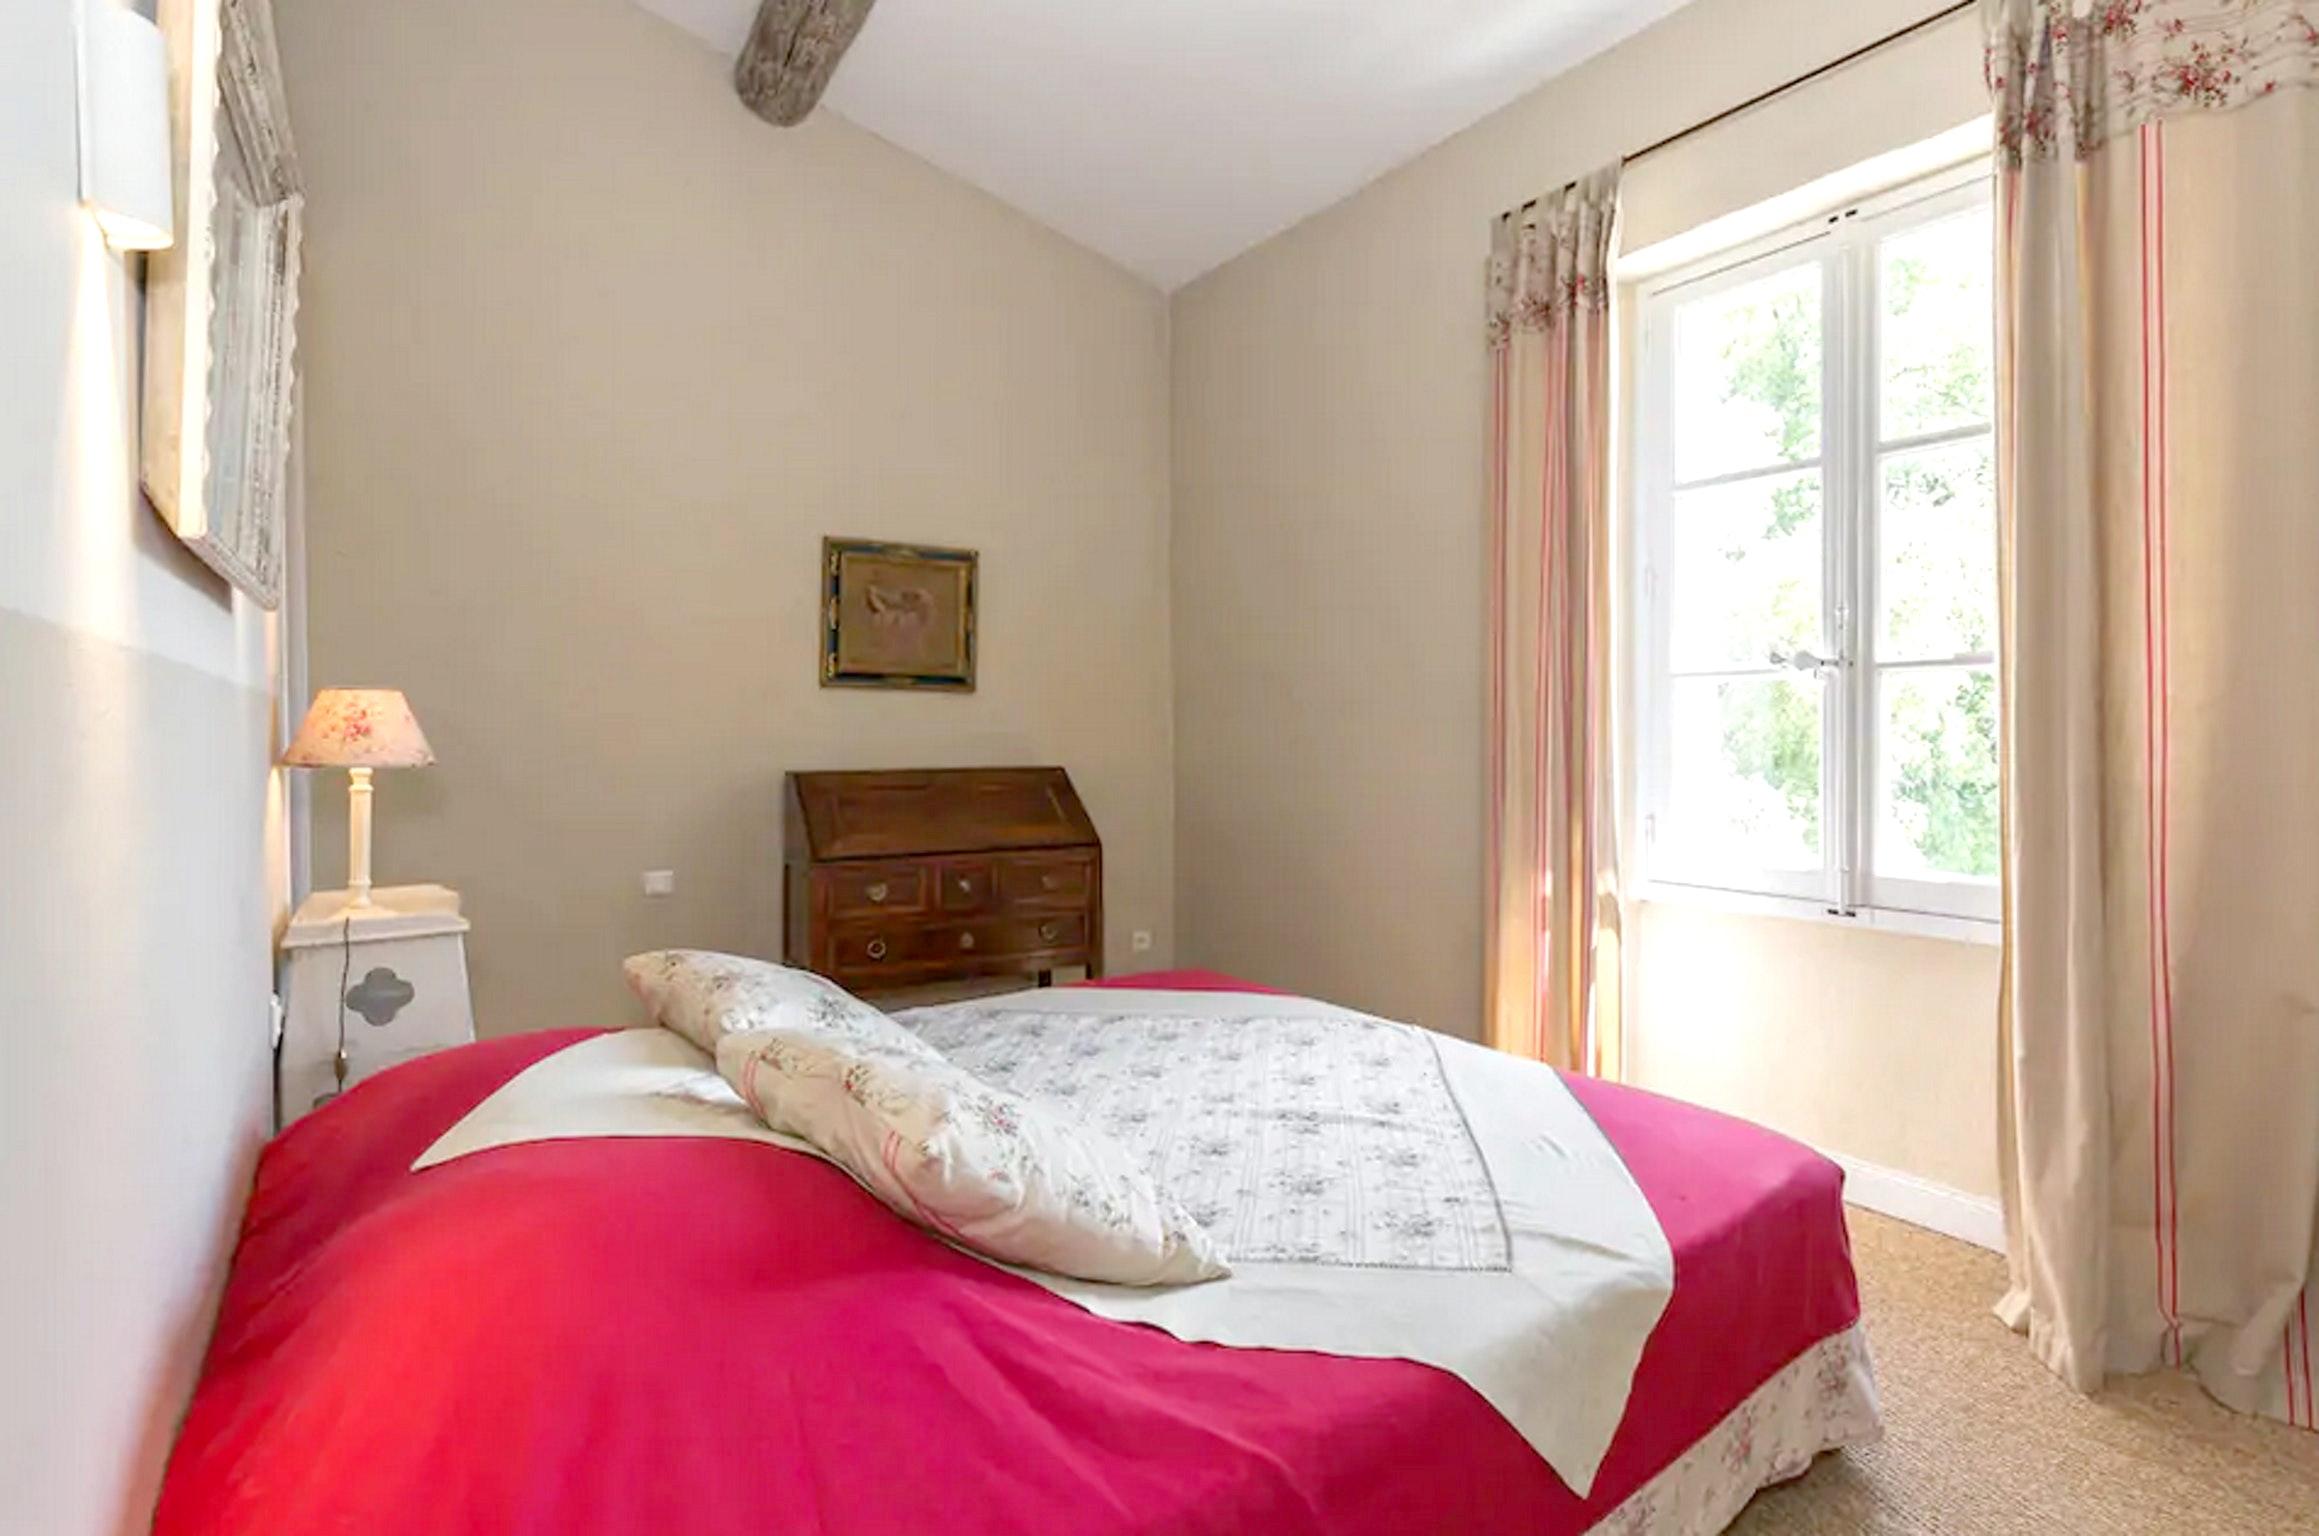 Maison de vacances Villa mit 6 Schlafzimmern in L'Isle-sur-la-Sorgue mit privatem Pool, möbliertem Garten und (2647203), L'Isle sur la Sorgue, Vaucluse, Provence - Alpes - Côte d'Azur, France, image 44